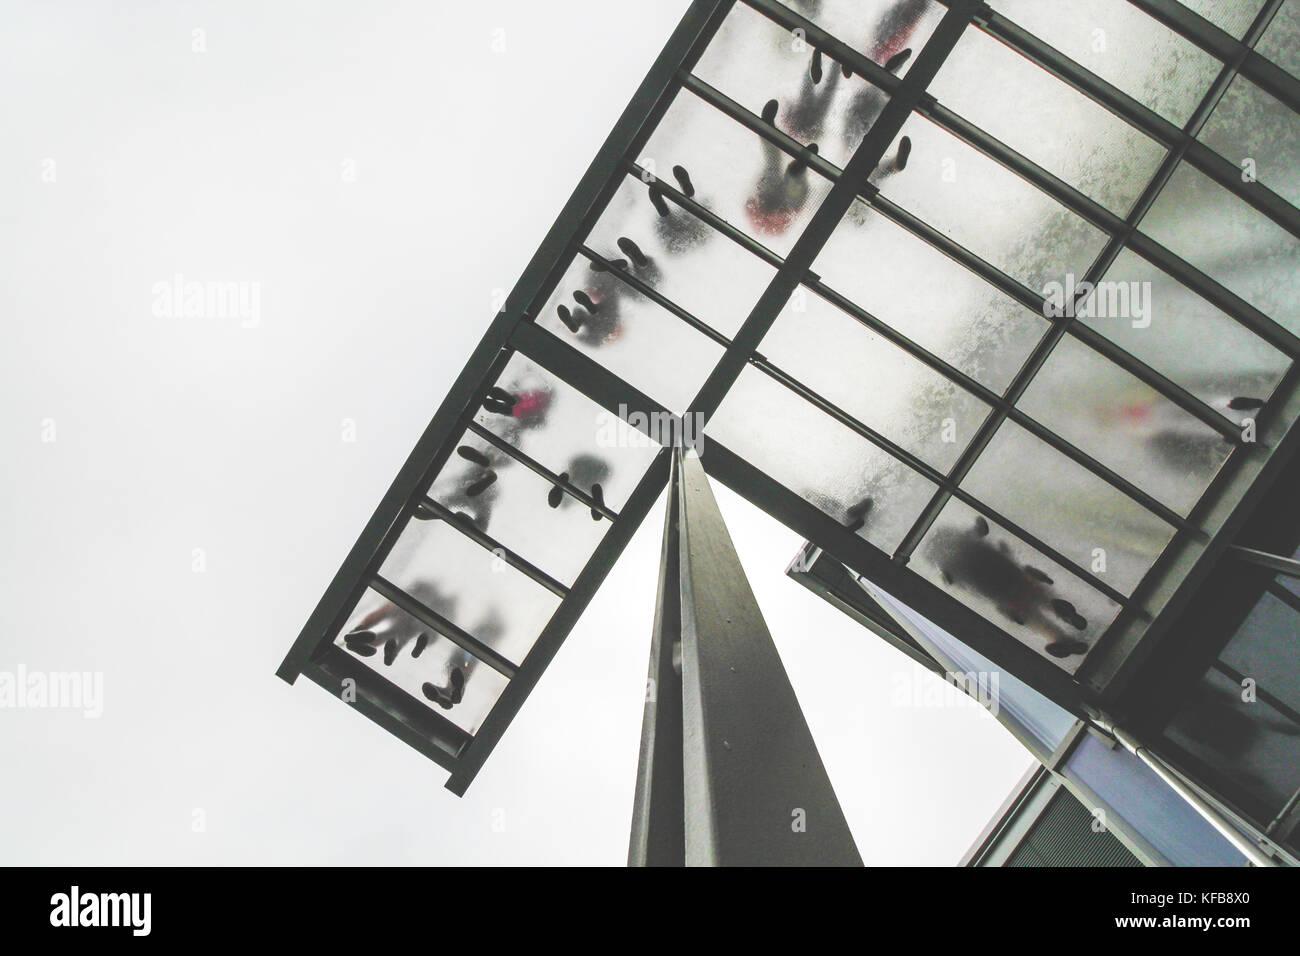 People standing over transparent floor, image taken from below - Stock Image